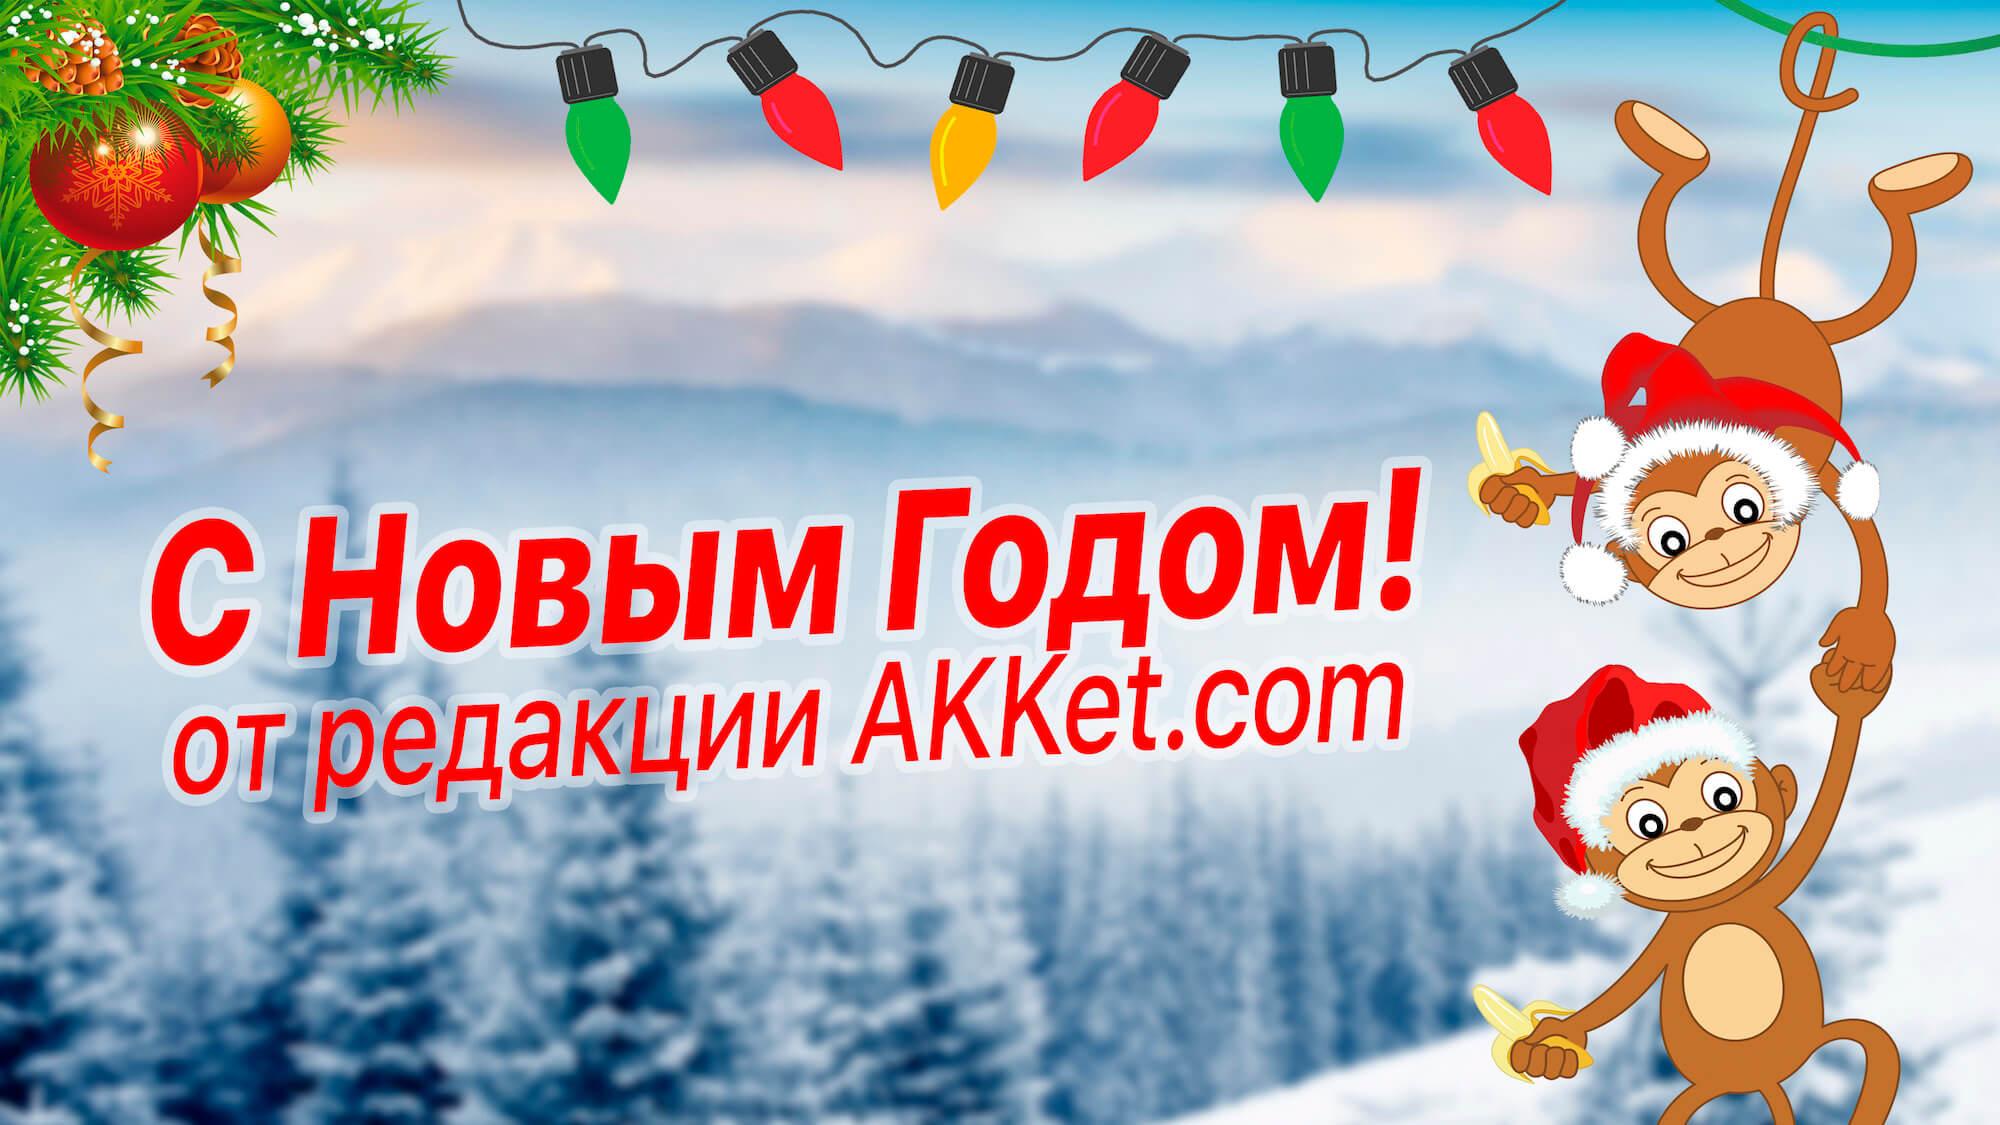 С новым Годом 2016 akket.com